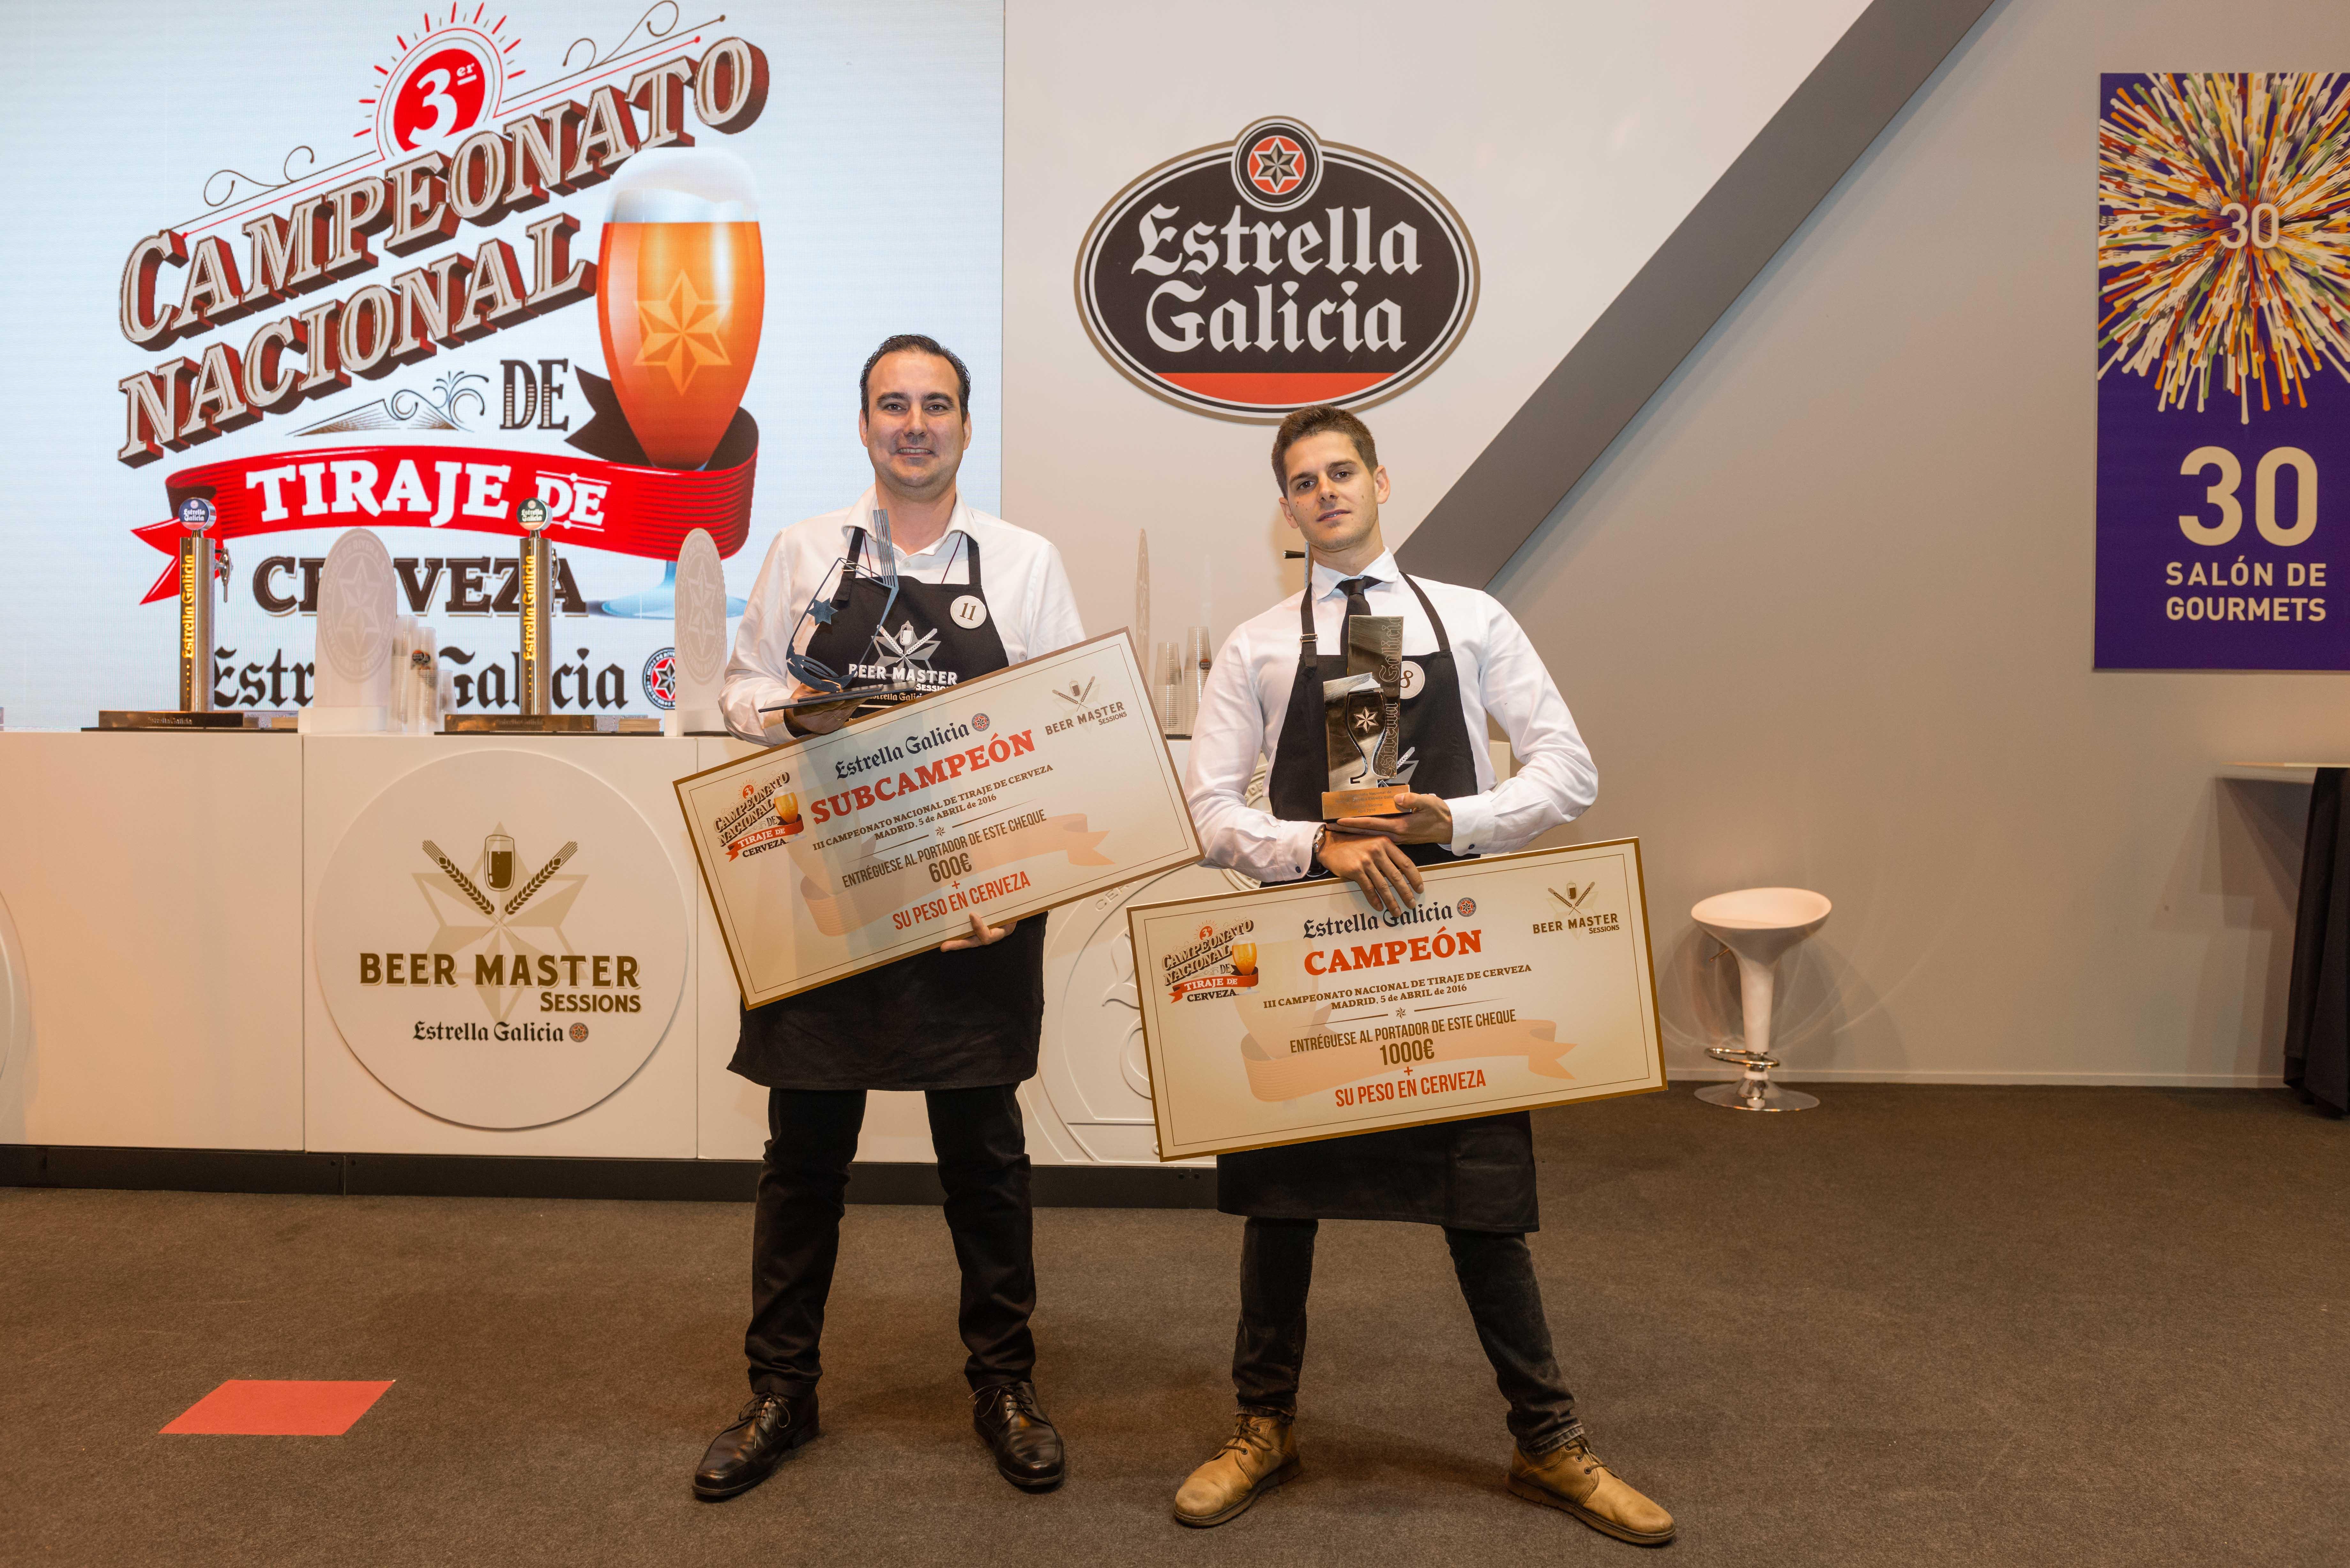 El alicantino Luis Miguel García, de Benidorm, se alza con el título de subcampeón del Campeonato de Tiraje de cerveza de España